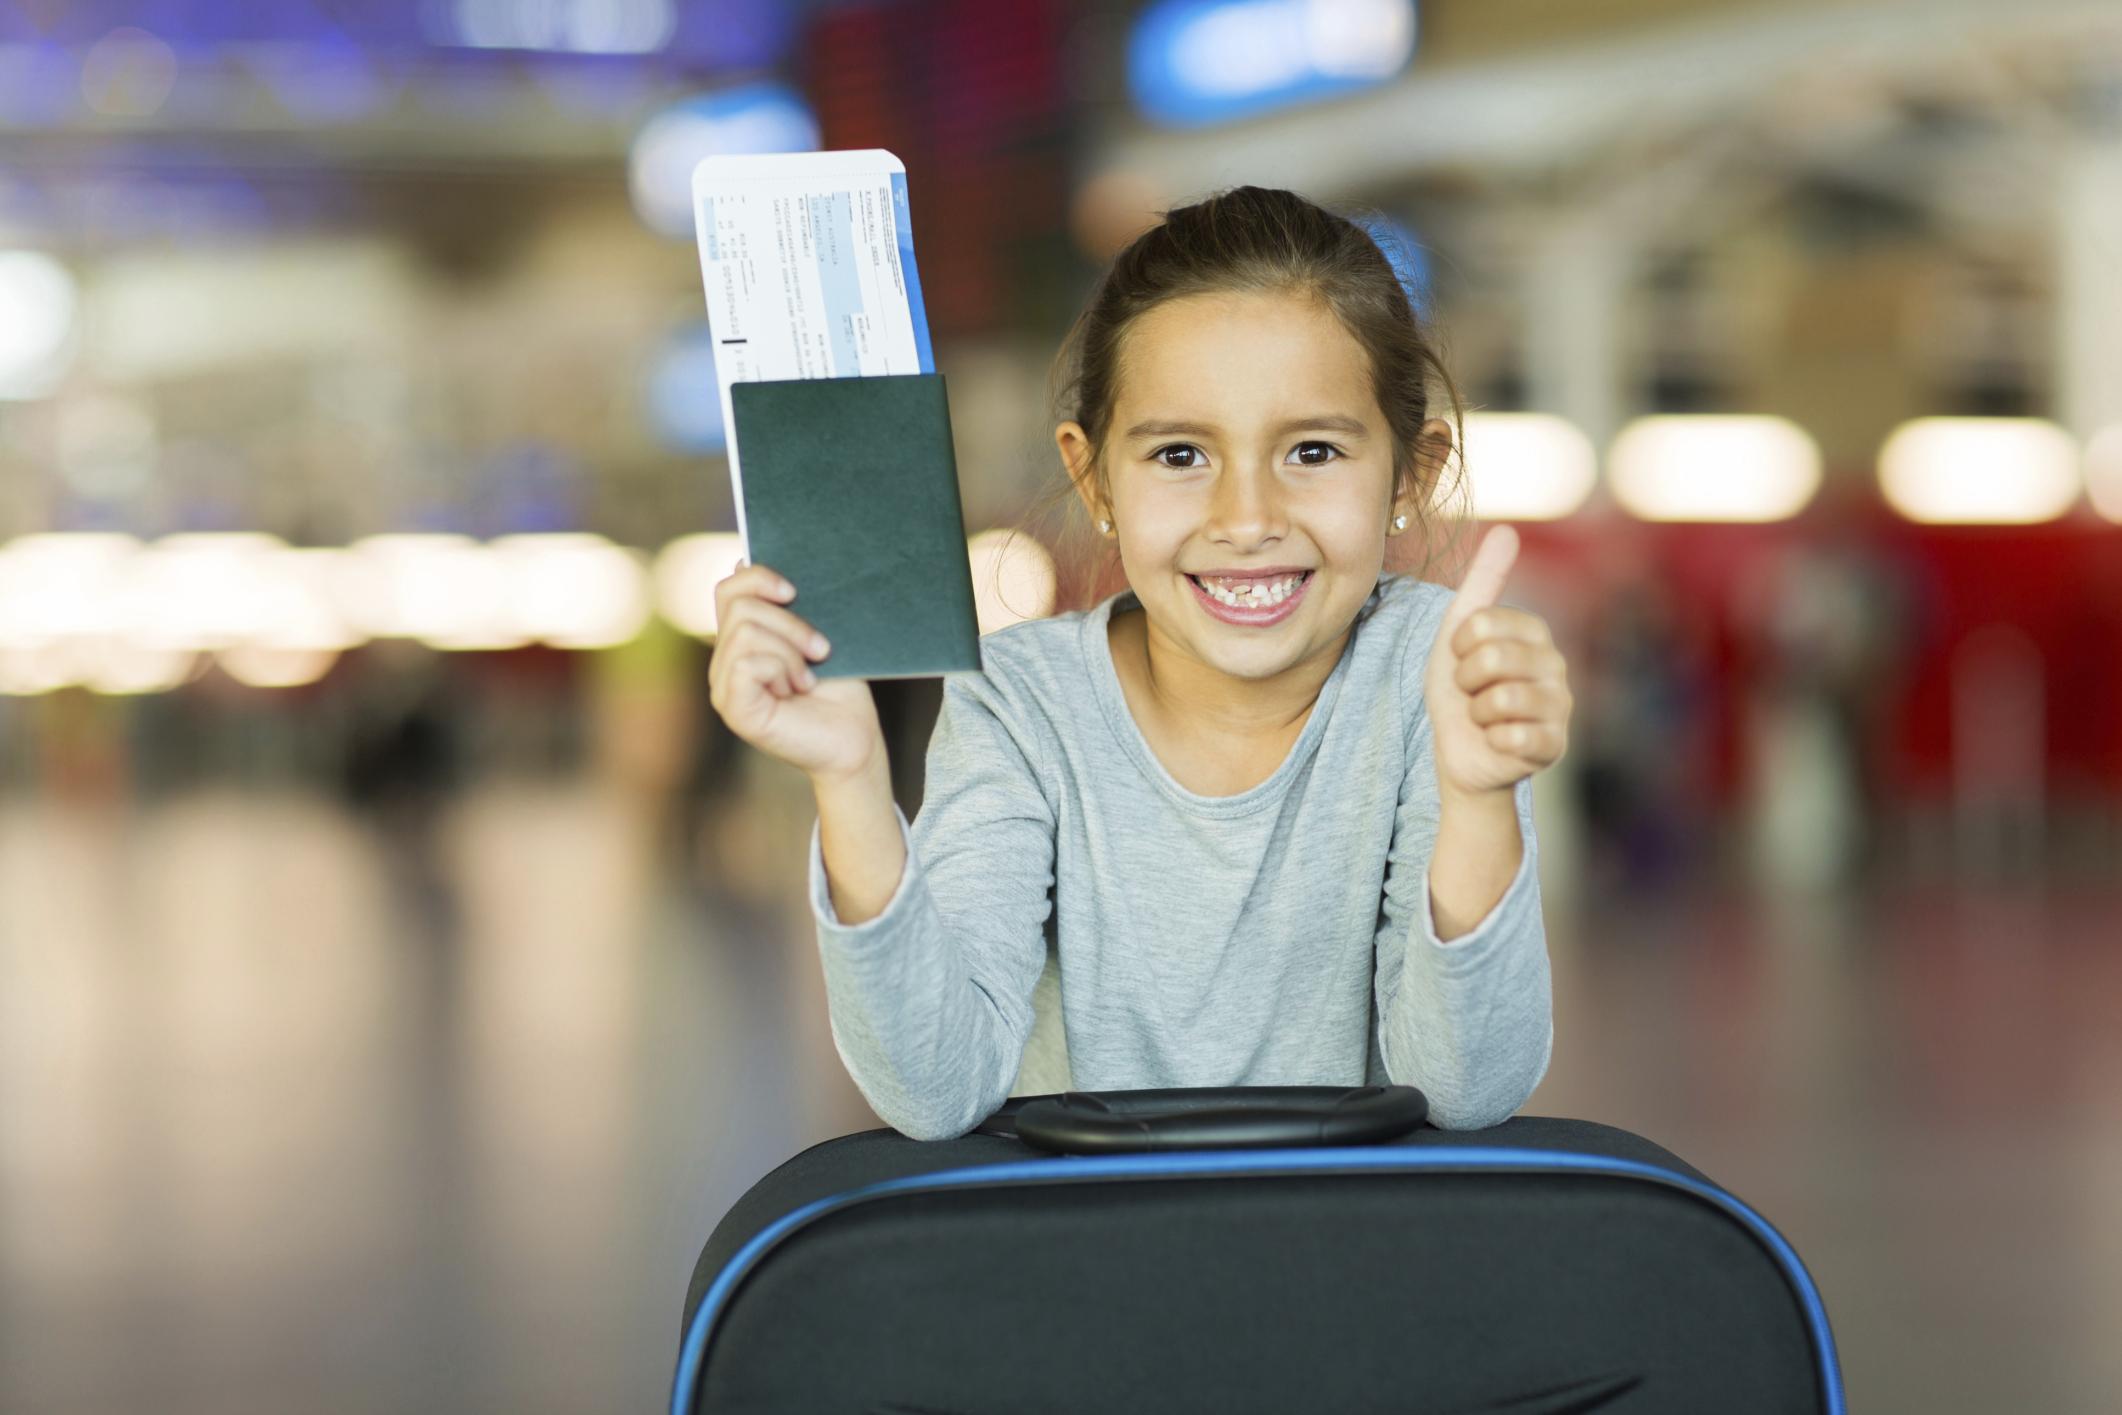 Documenti necessari per viaggiare con i bambini